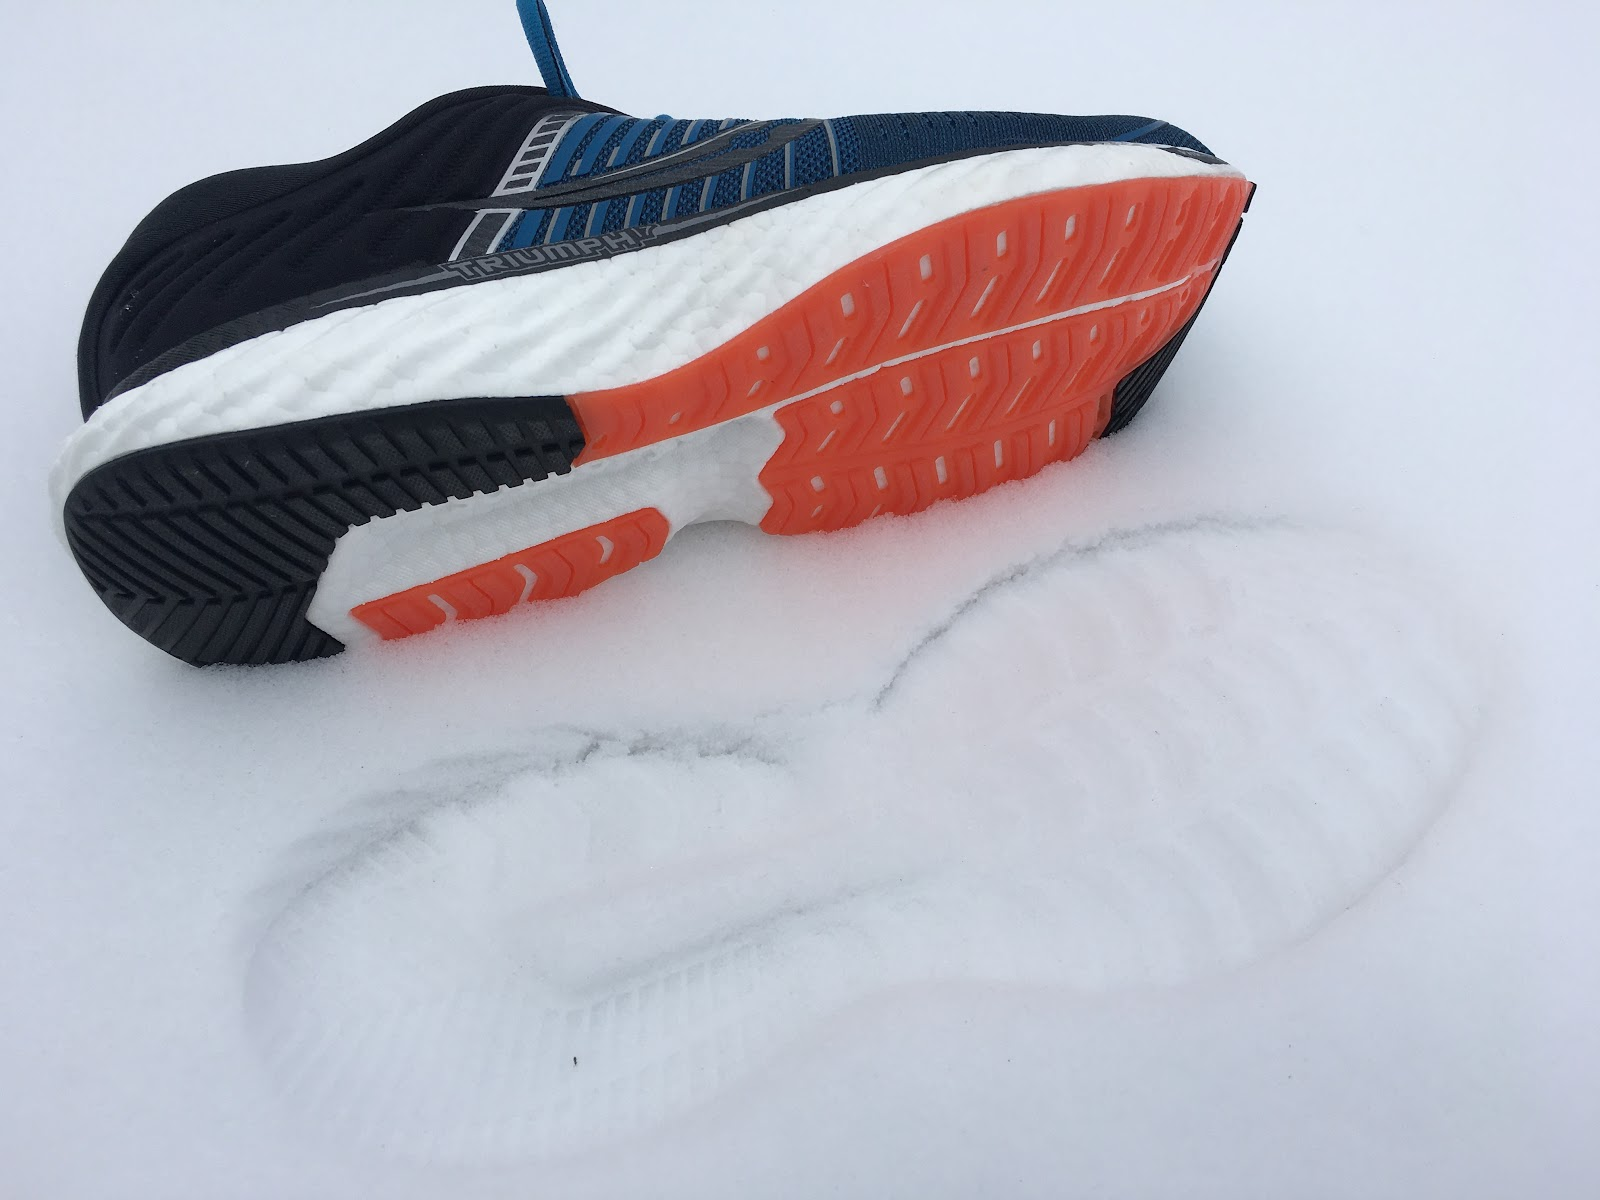 Pomarańczowy bieżników butów poprawia widoczność biegacza po zmroku.